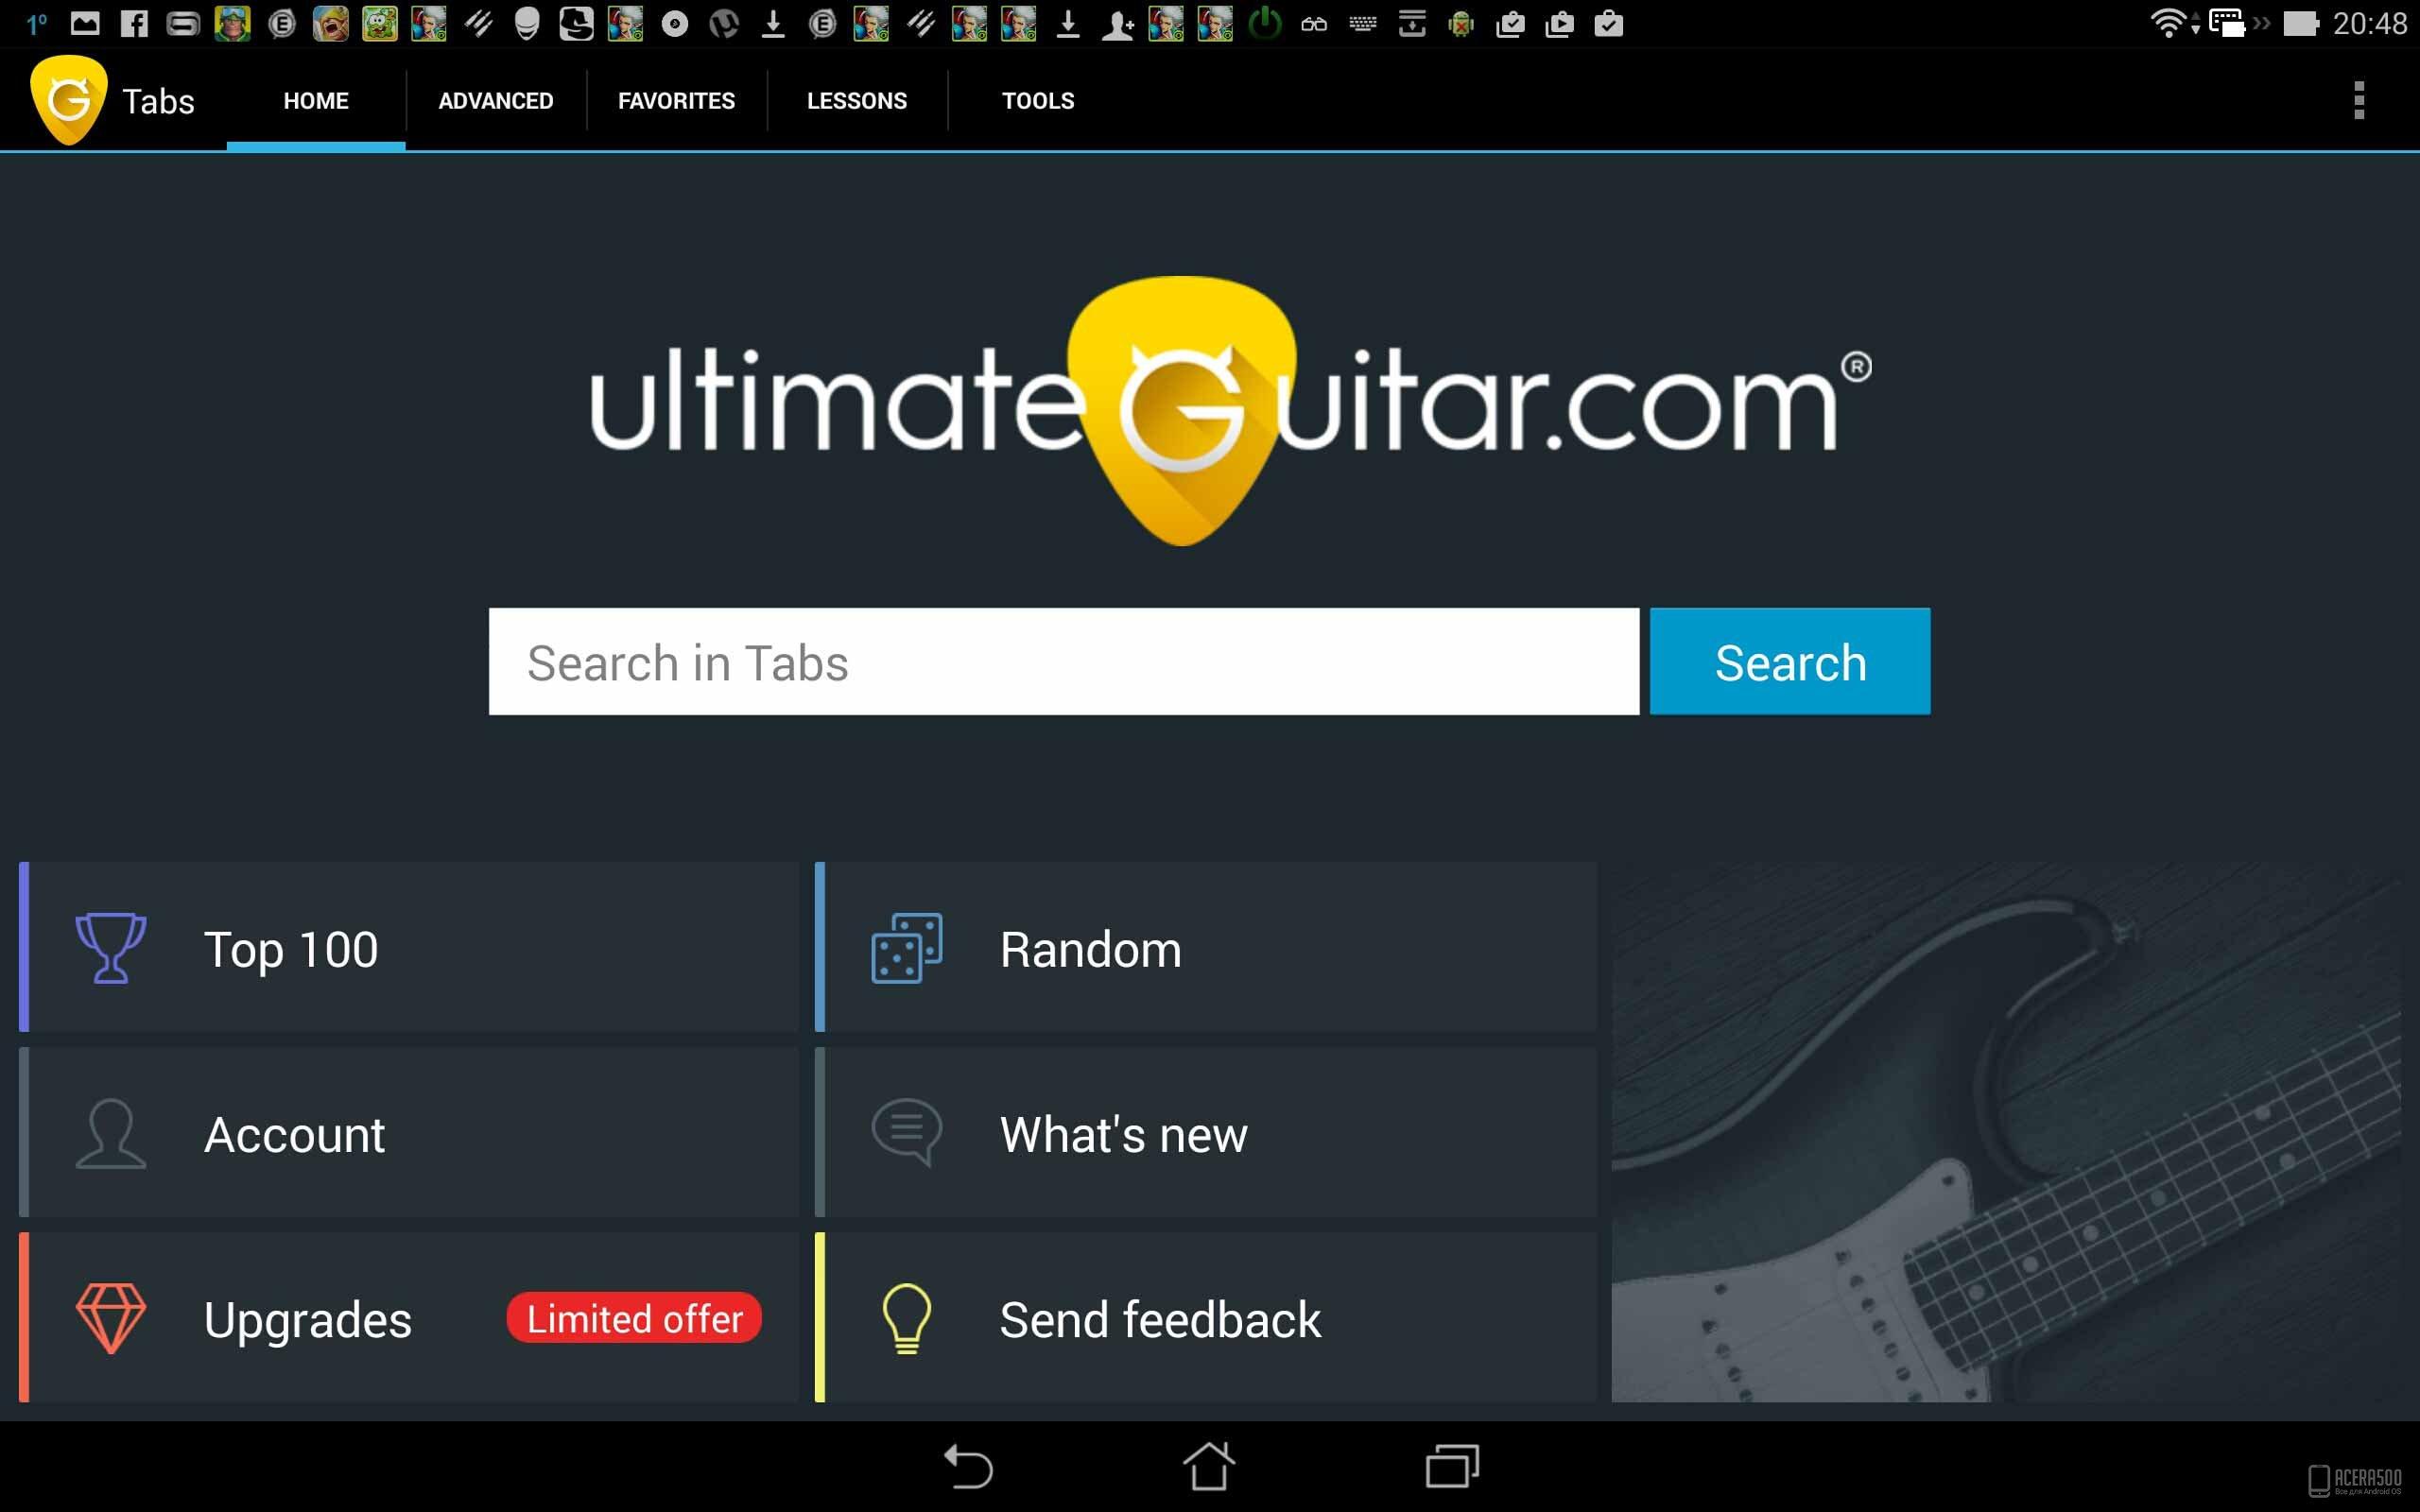 Ultimate Guitar Tabs Top 100